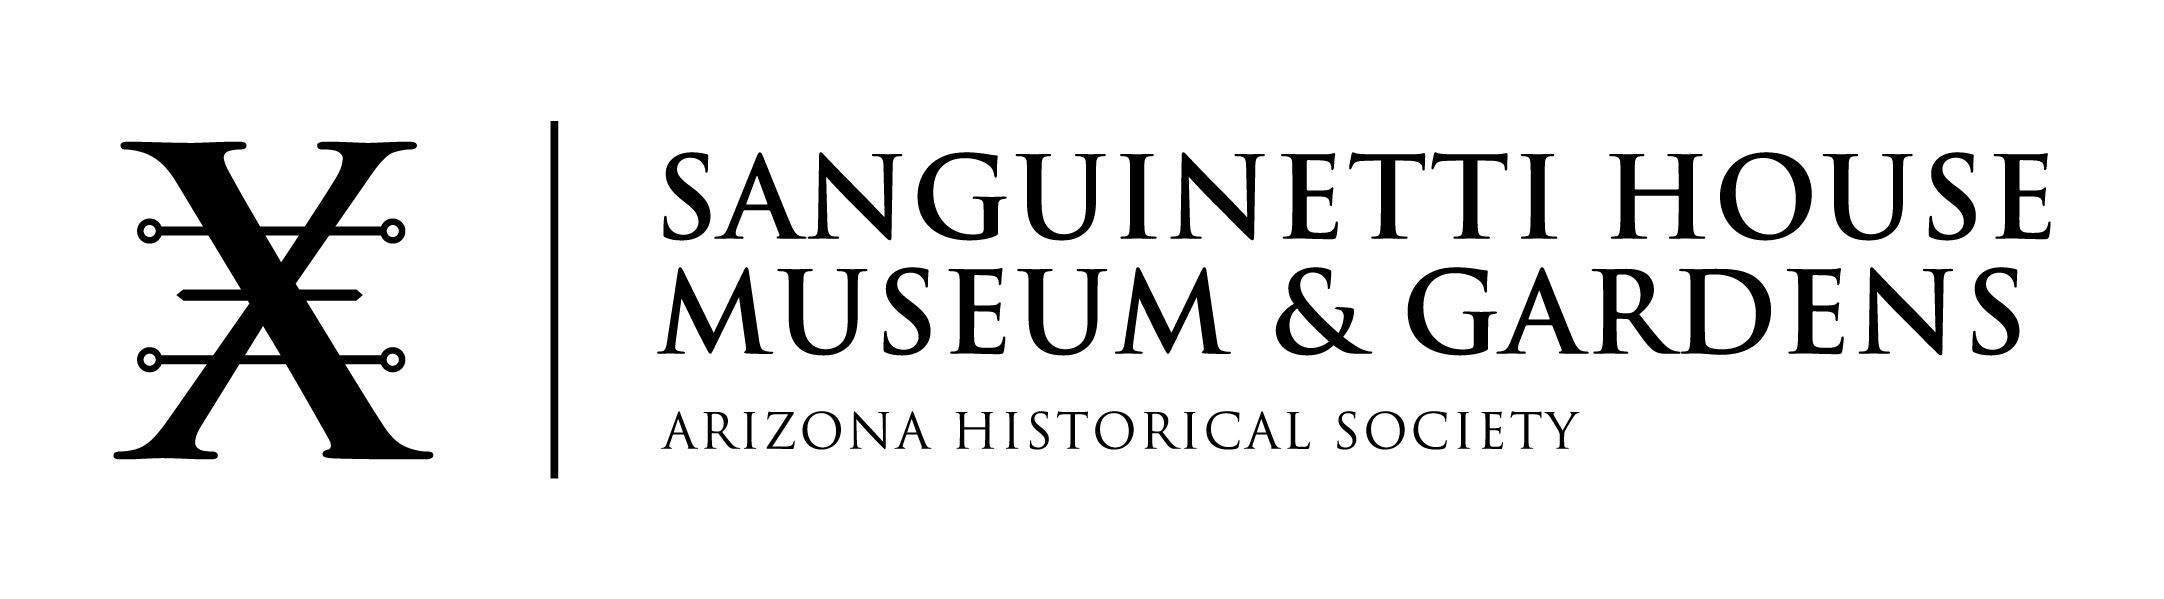 Ahs sanguinetti house logo final black